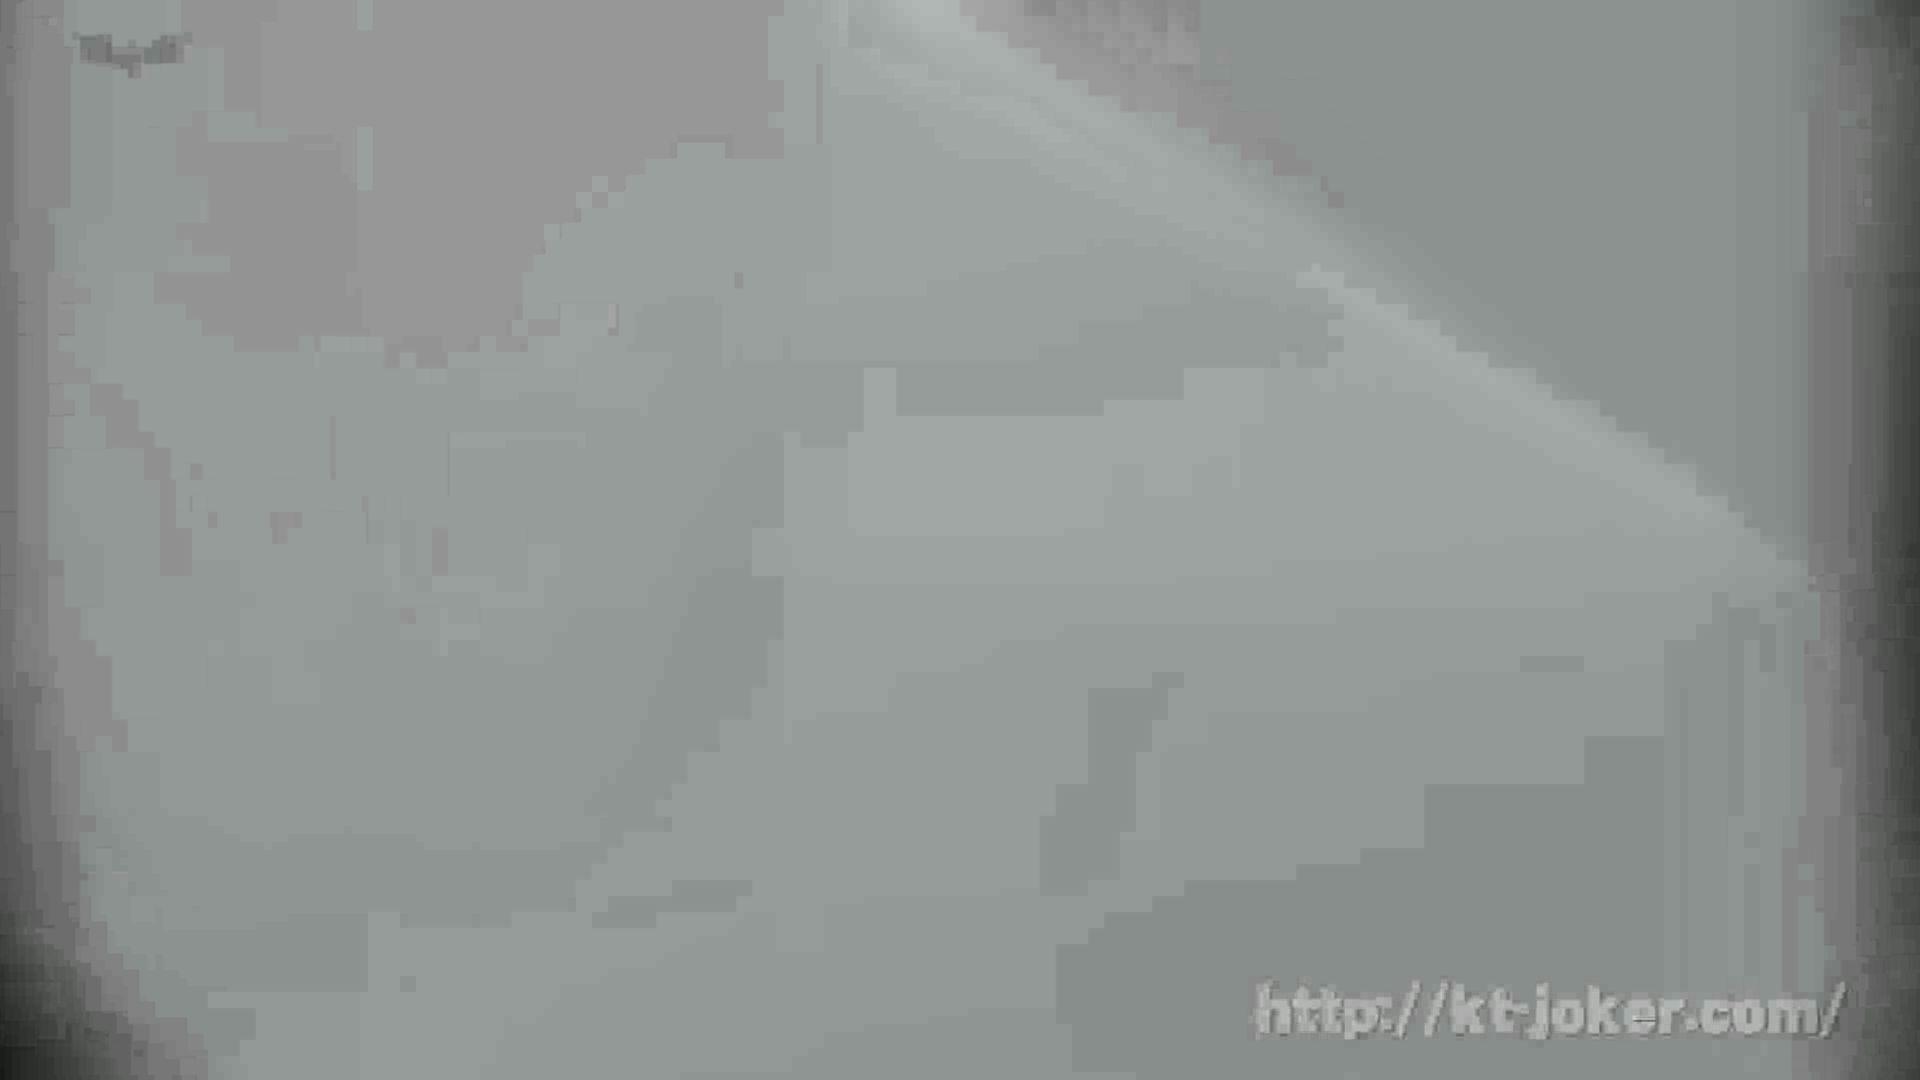 命がけ潜伏洗面所! vol.71 典型的な韓国人美女登場!! エロティックなOL AV動画キャプチャ 97画像 42